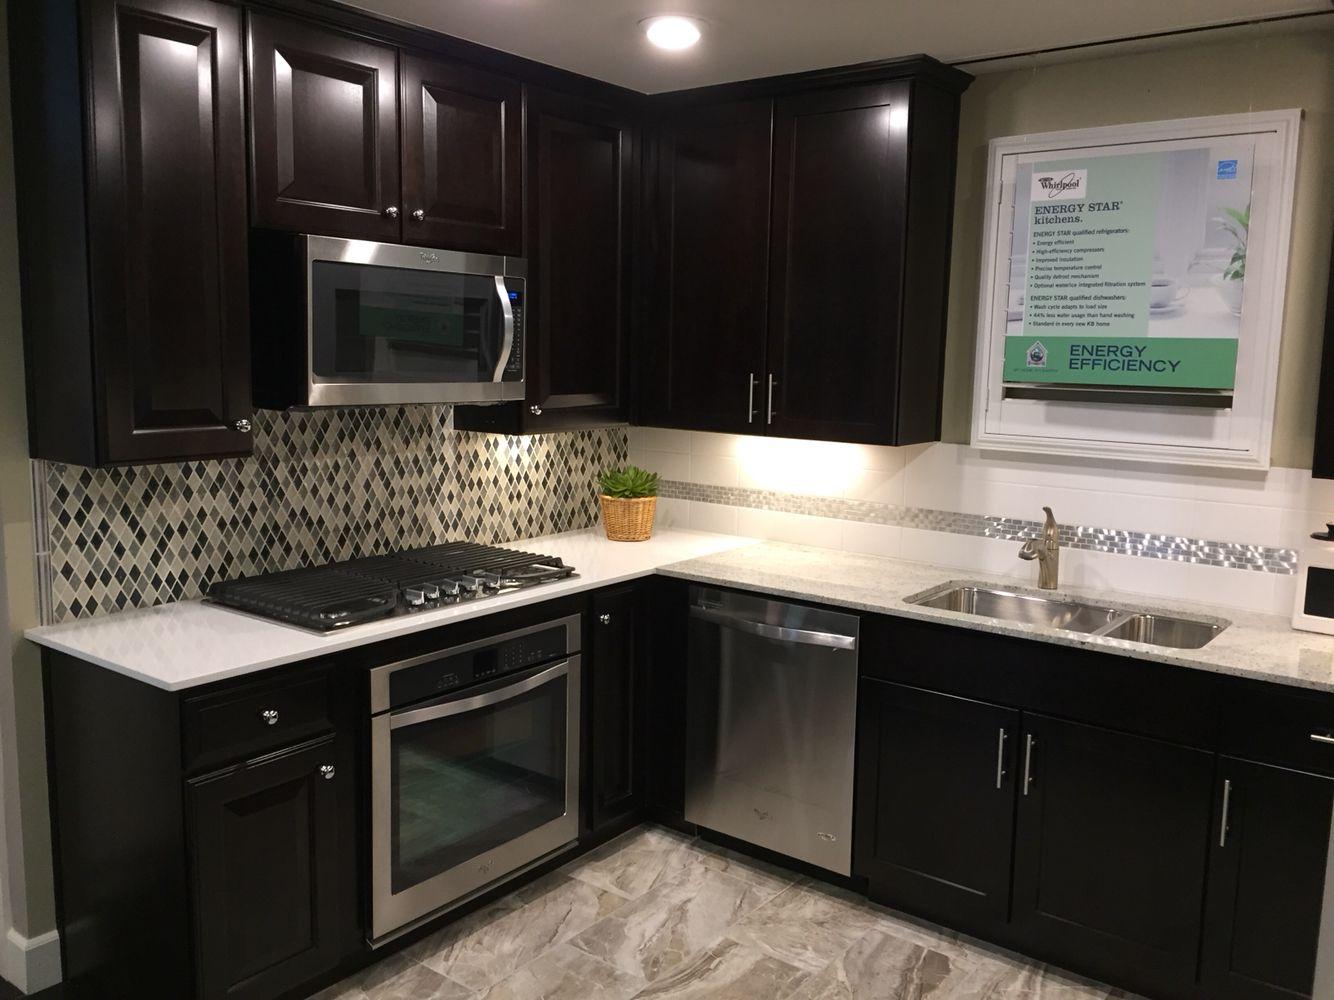 Küchenideen ahornschränke kitchen  küchen ideen  pinterest  küchen ideen ideen und kuchen